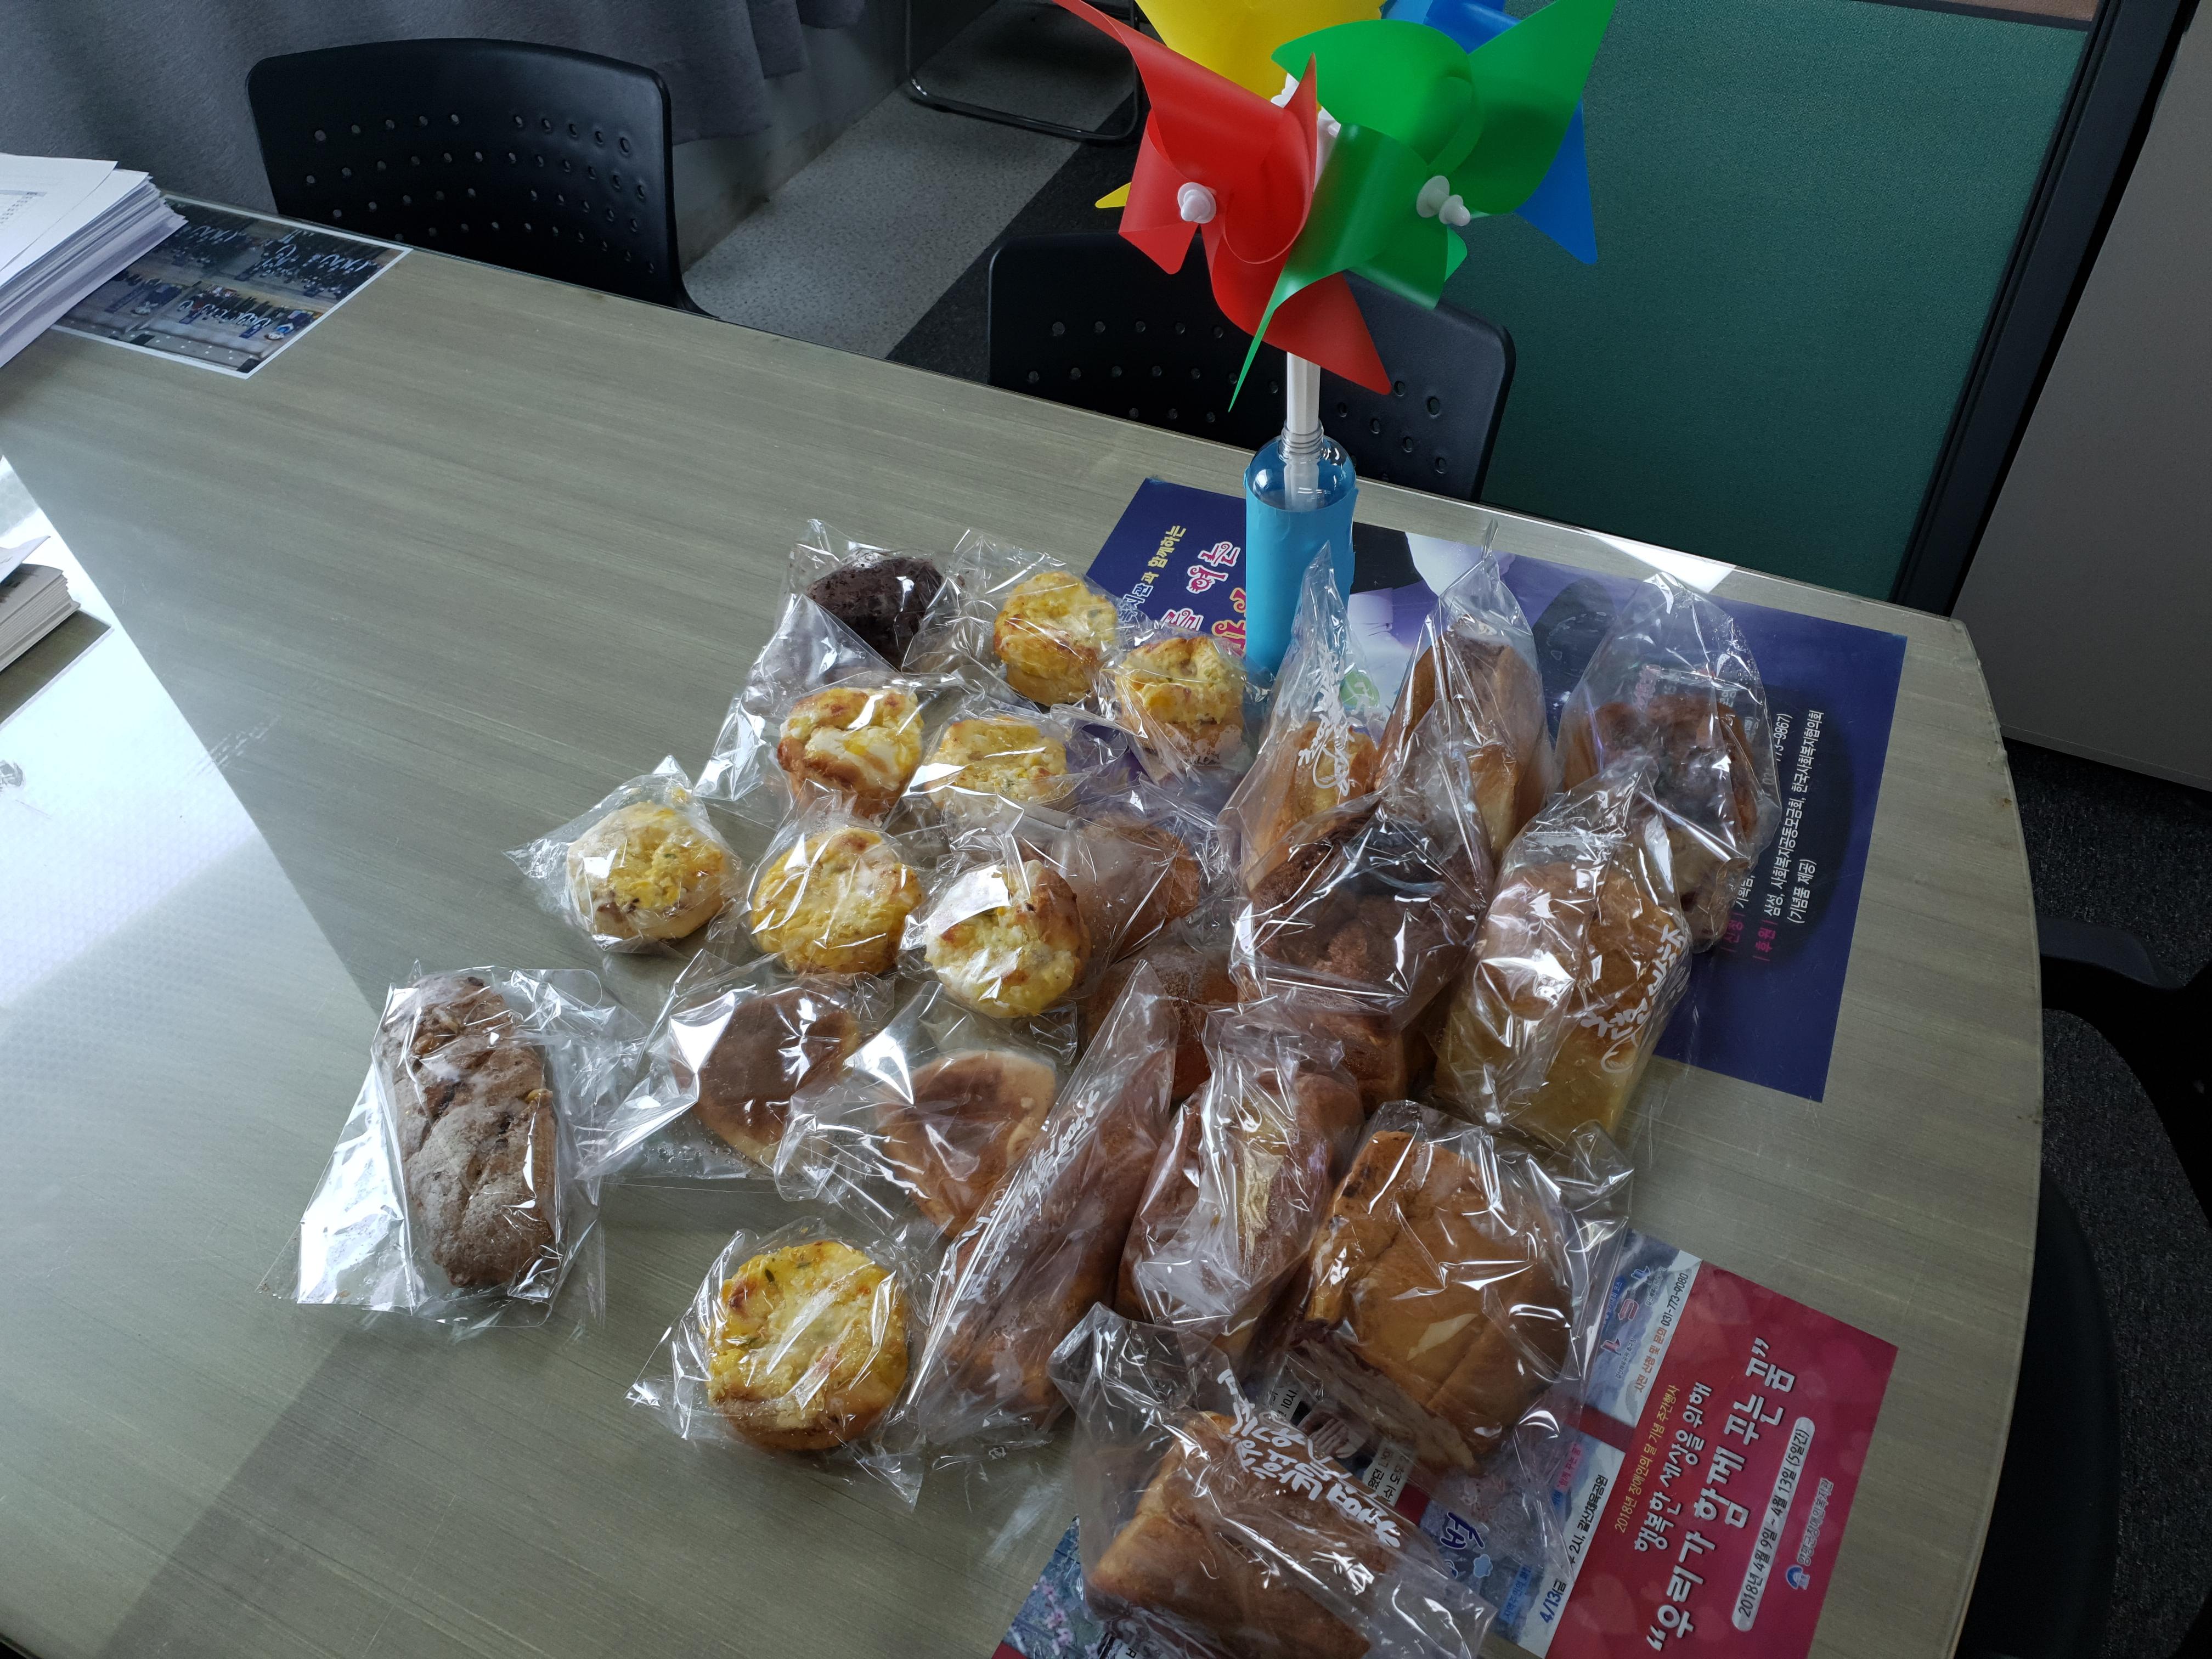 안다미로베이커리에서 빵류를 후원해주셨습니다.